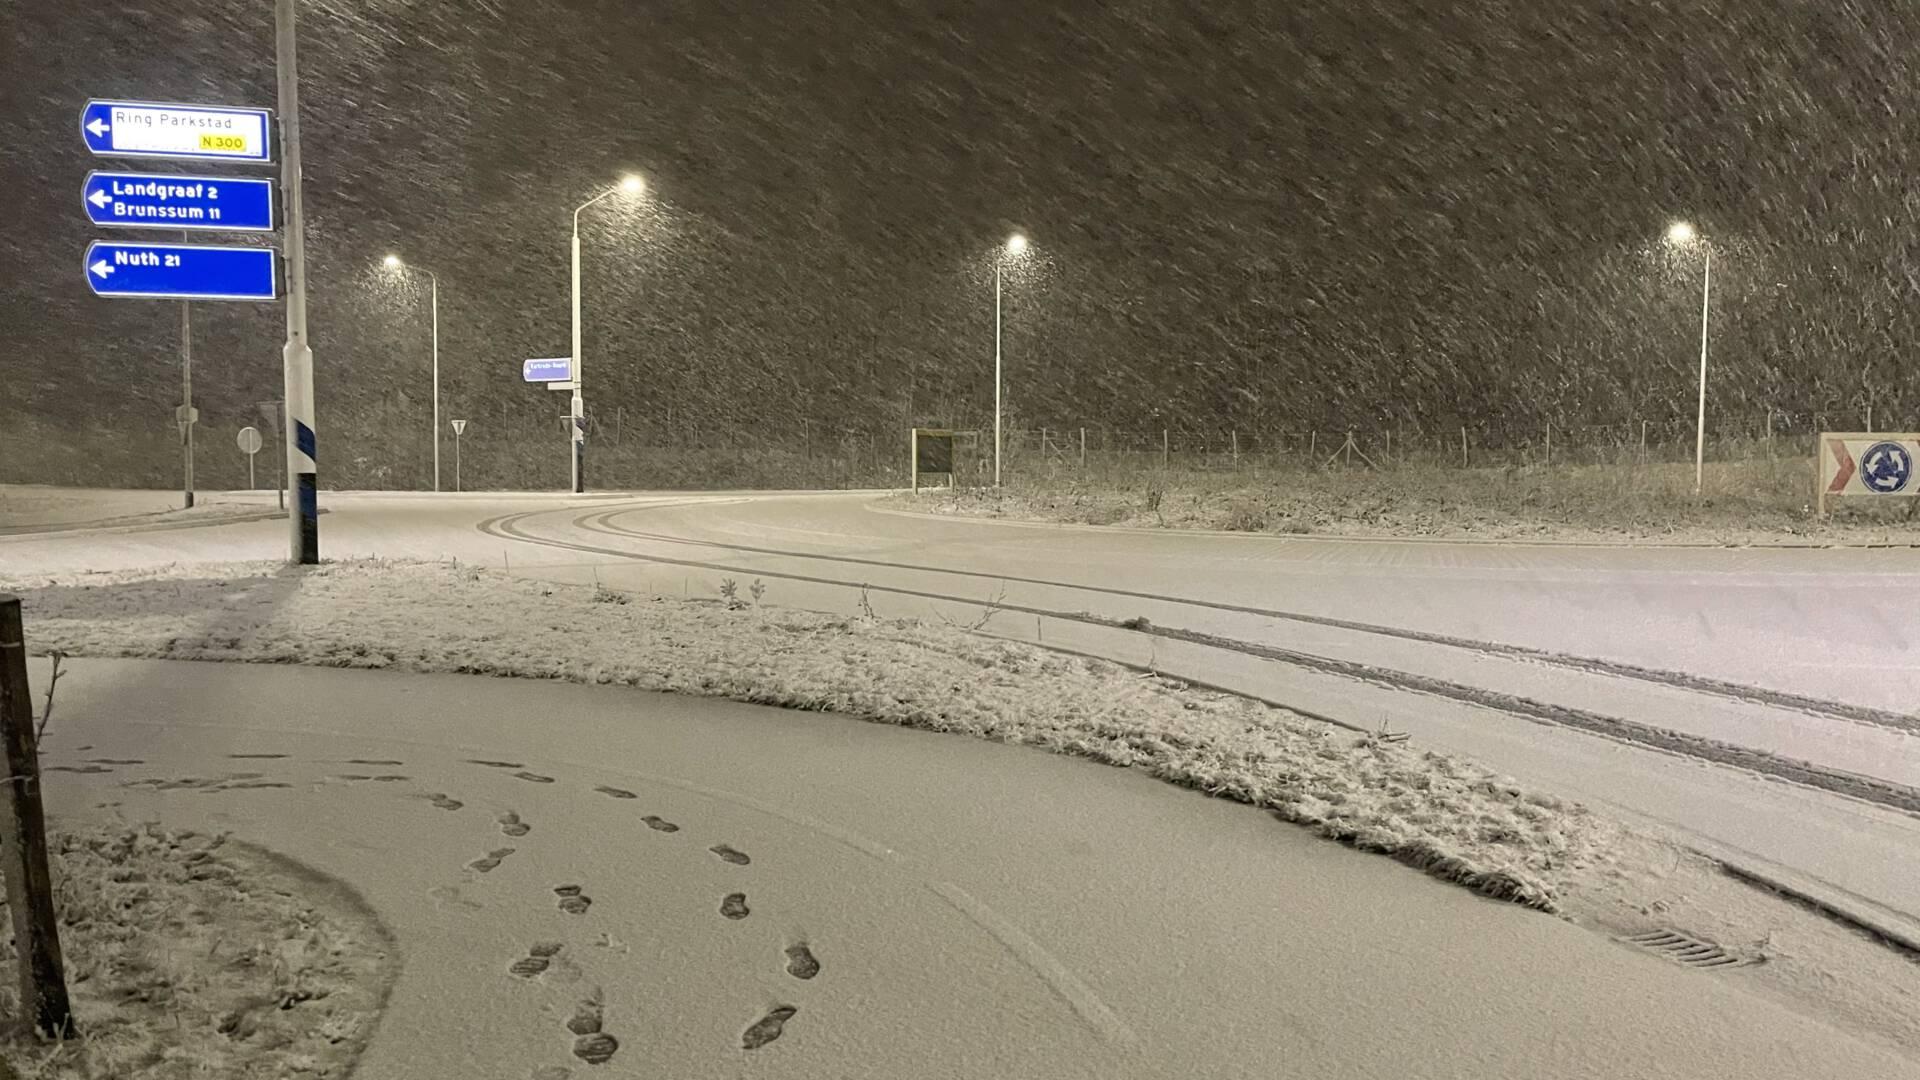 الثلوج في ليمبورغ، احذر من التزحلق، رمز أصفر لكامل هولندا